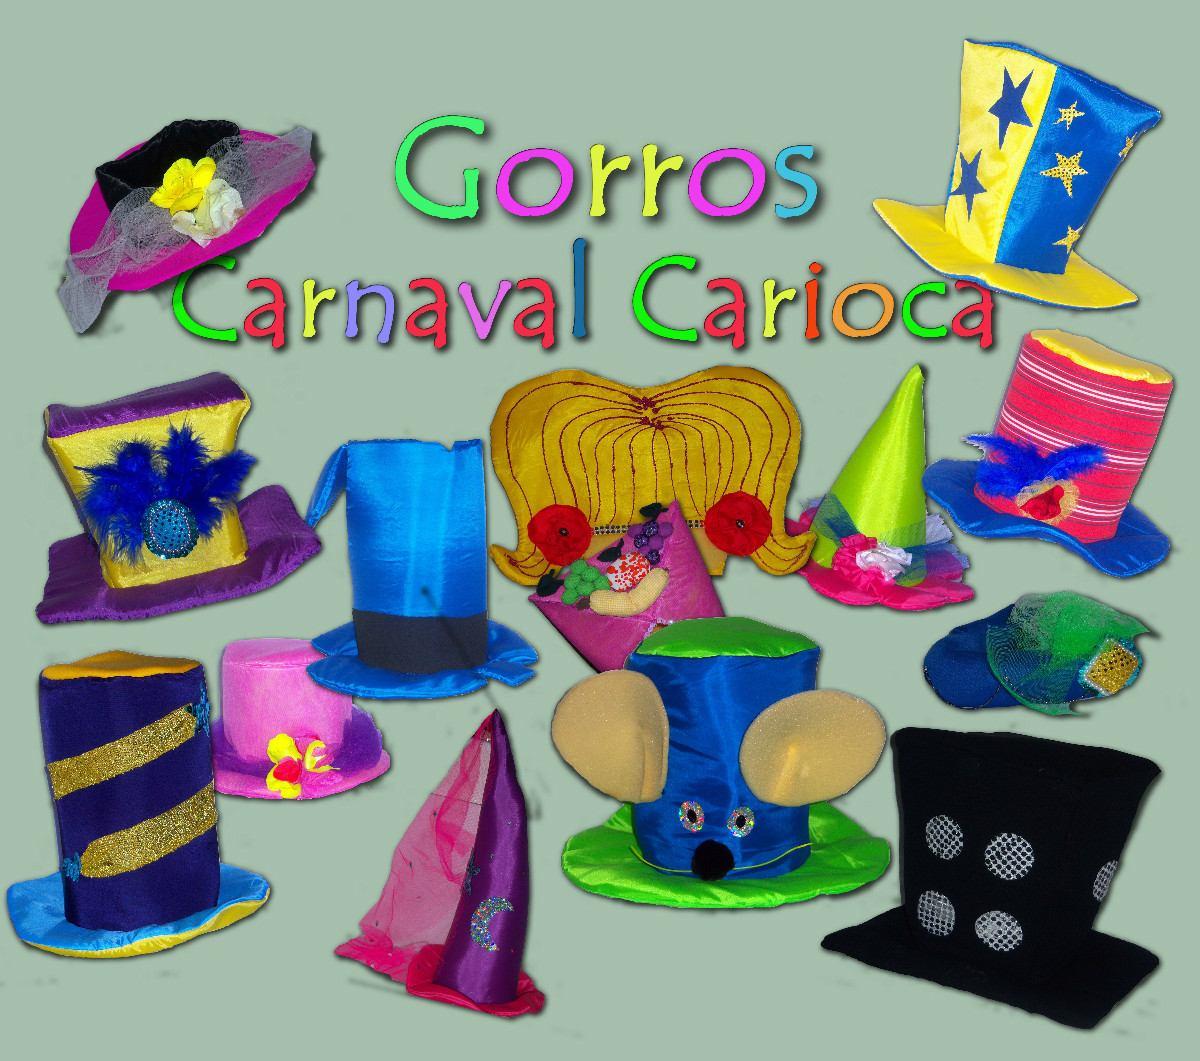 gorros carnaval carioca galera baja cuadrada 150 00 en mercado